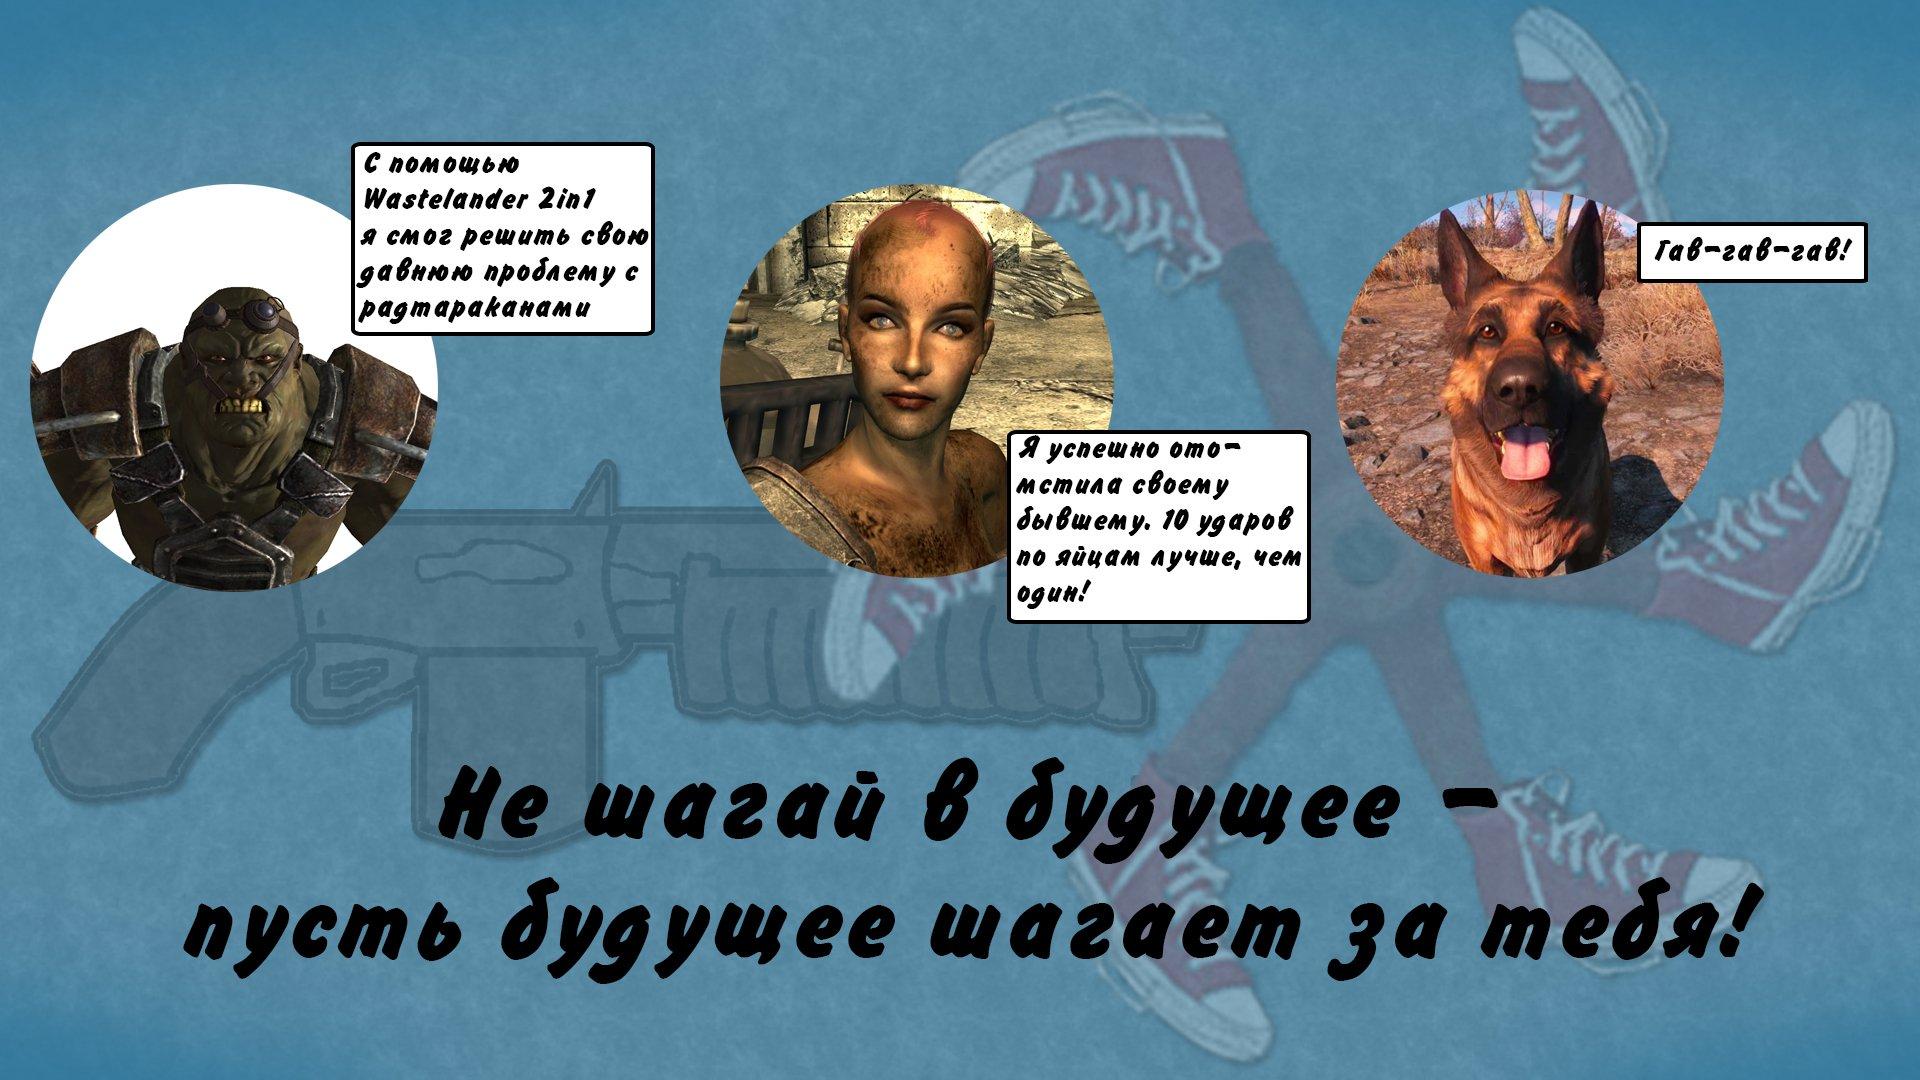 Wastelander 2in1 - оружие мечты - Изображение 5